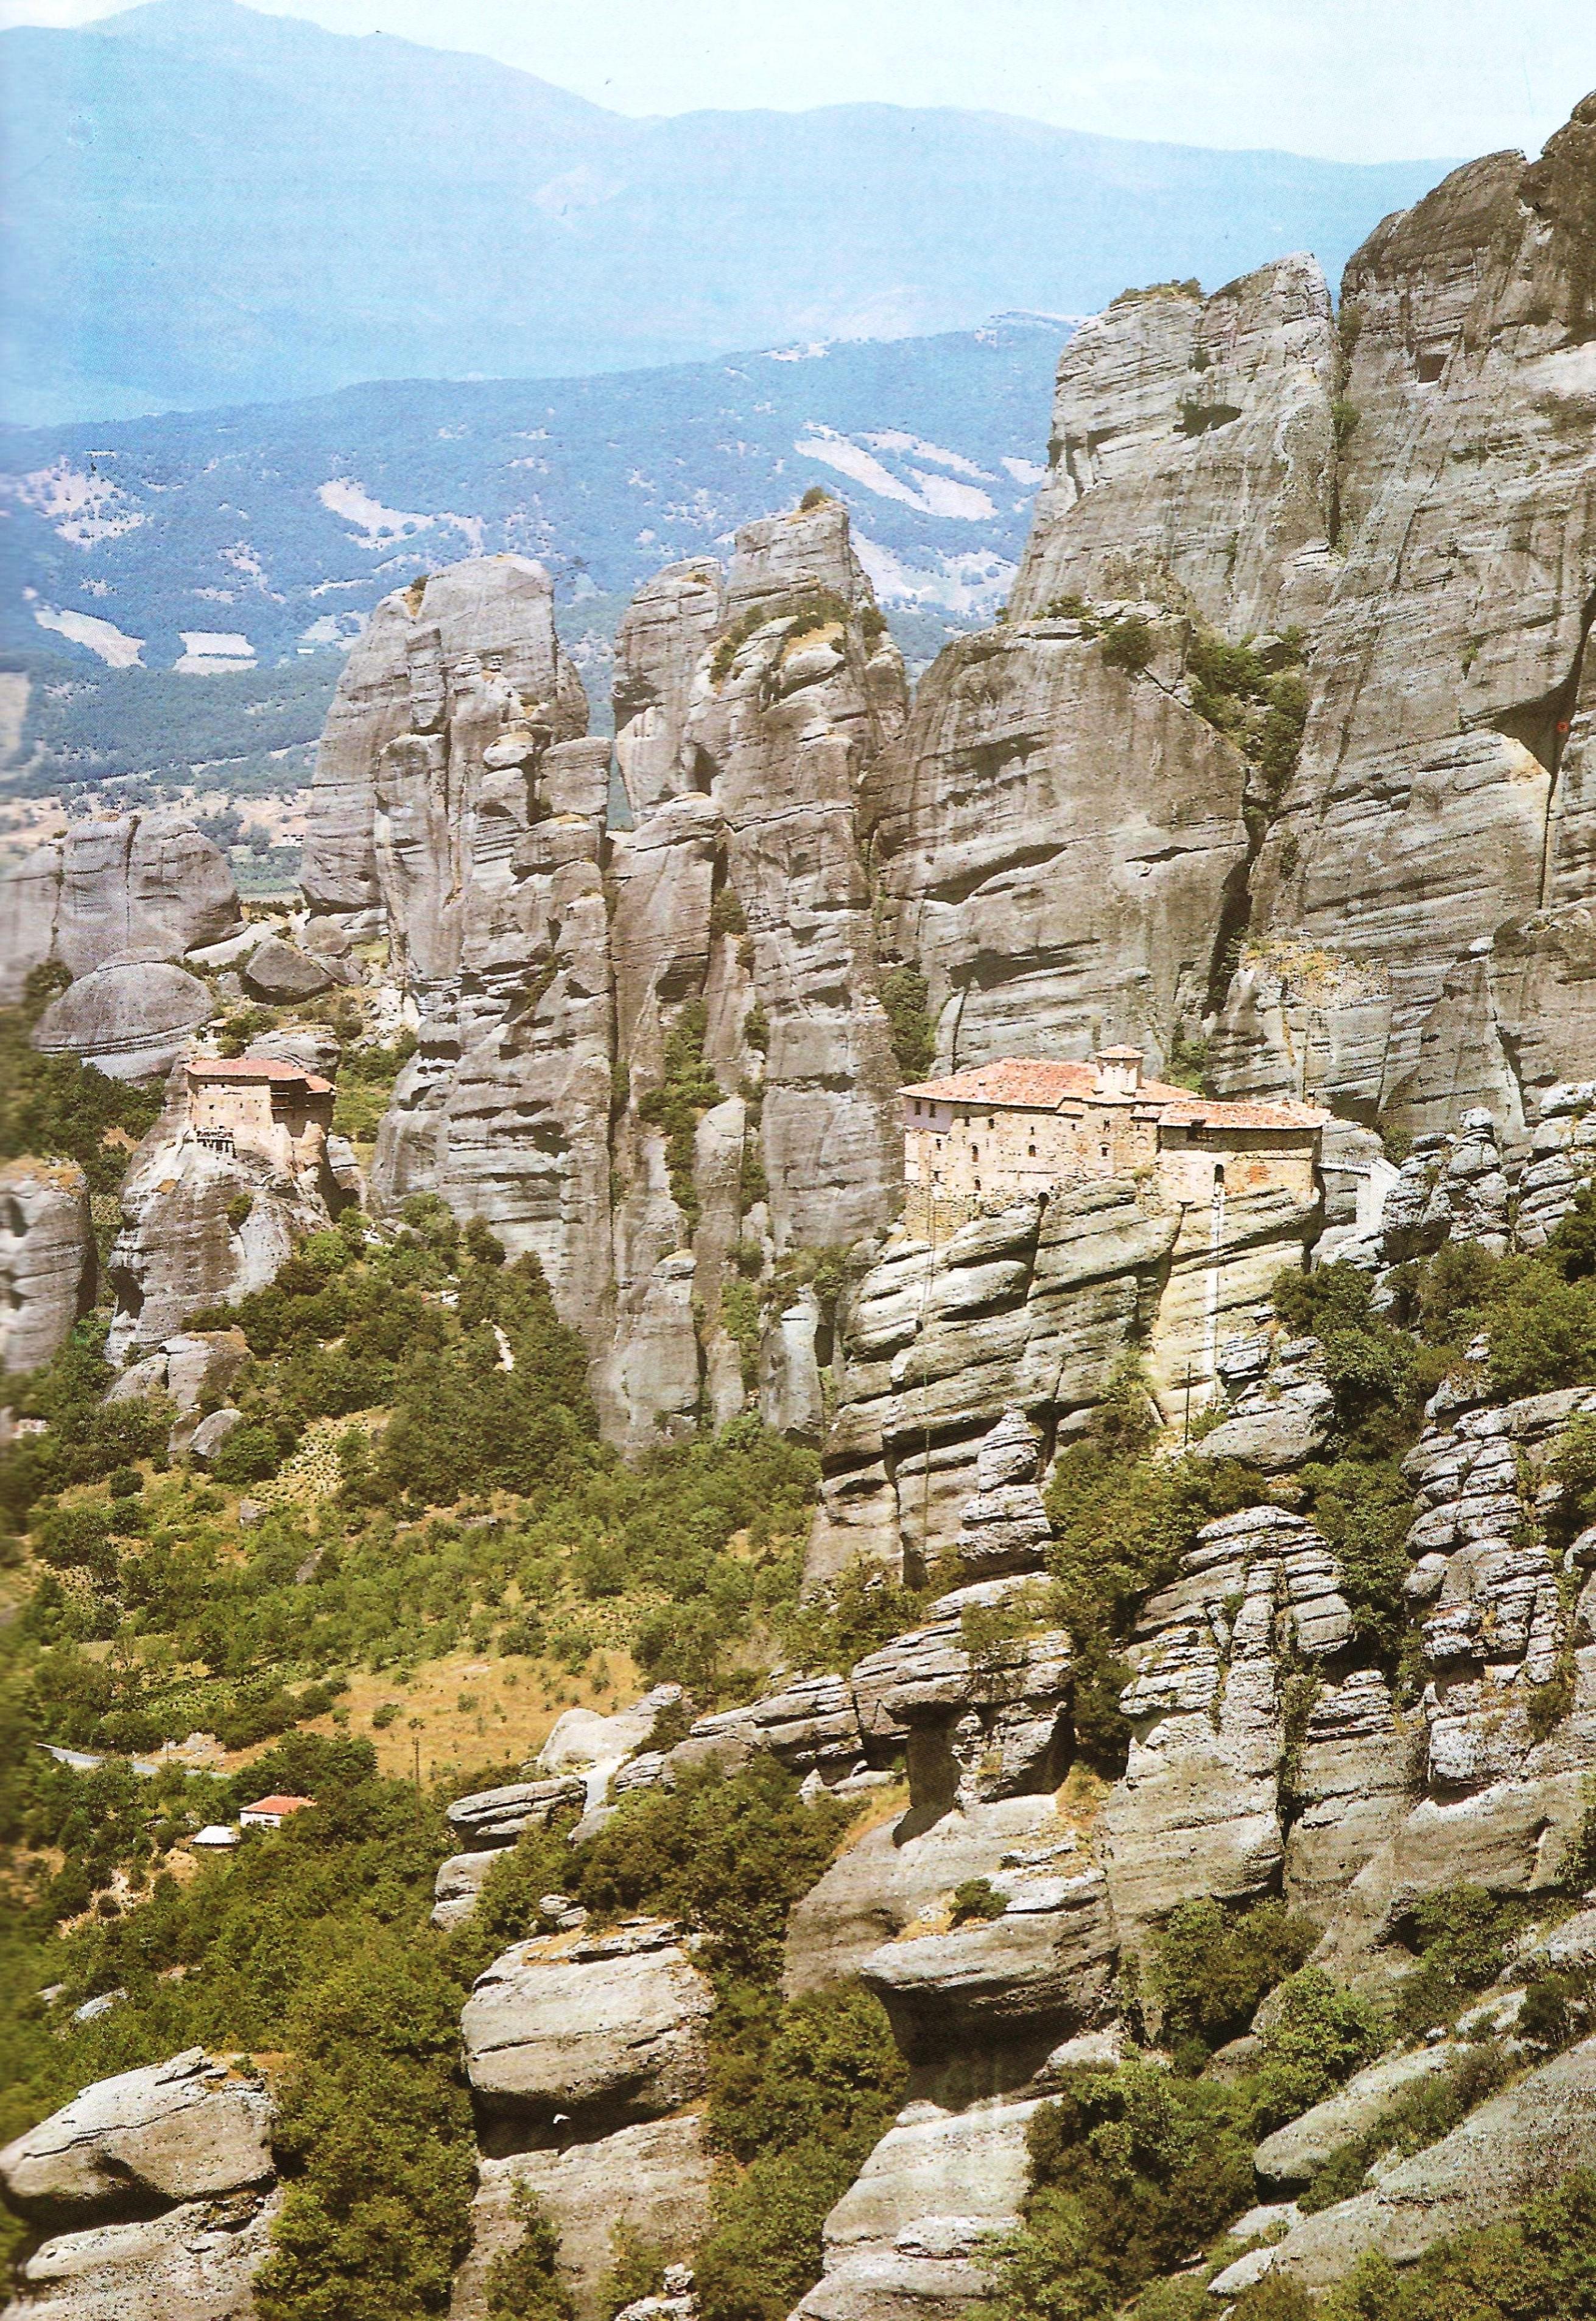 Οι ιερές μονές Ρουσάνου και Αγίου Νικολάου Αναπαυσά.